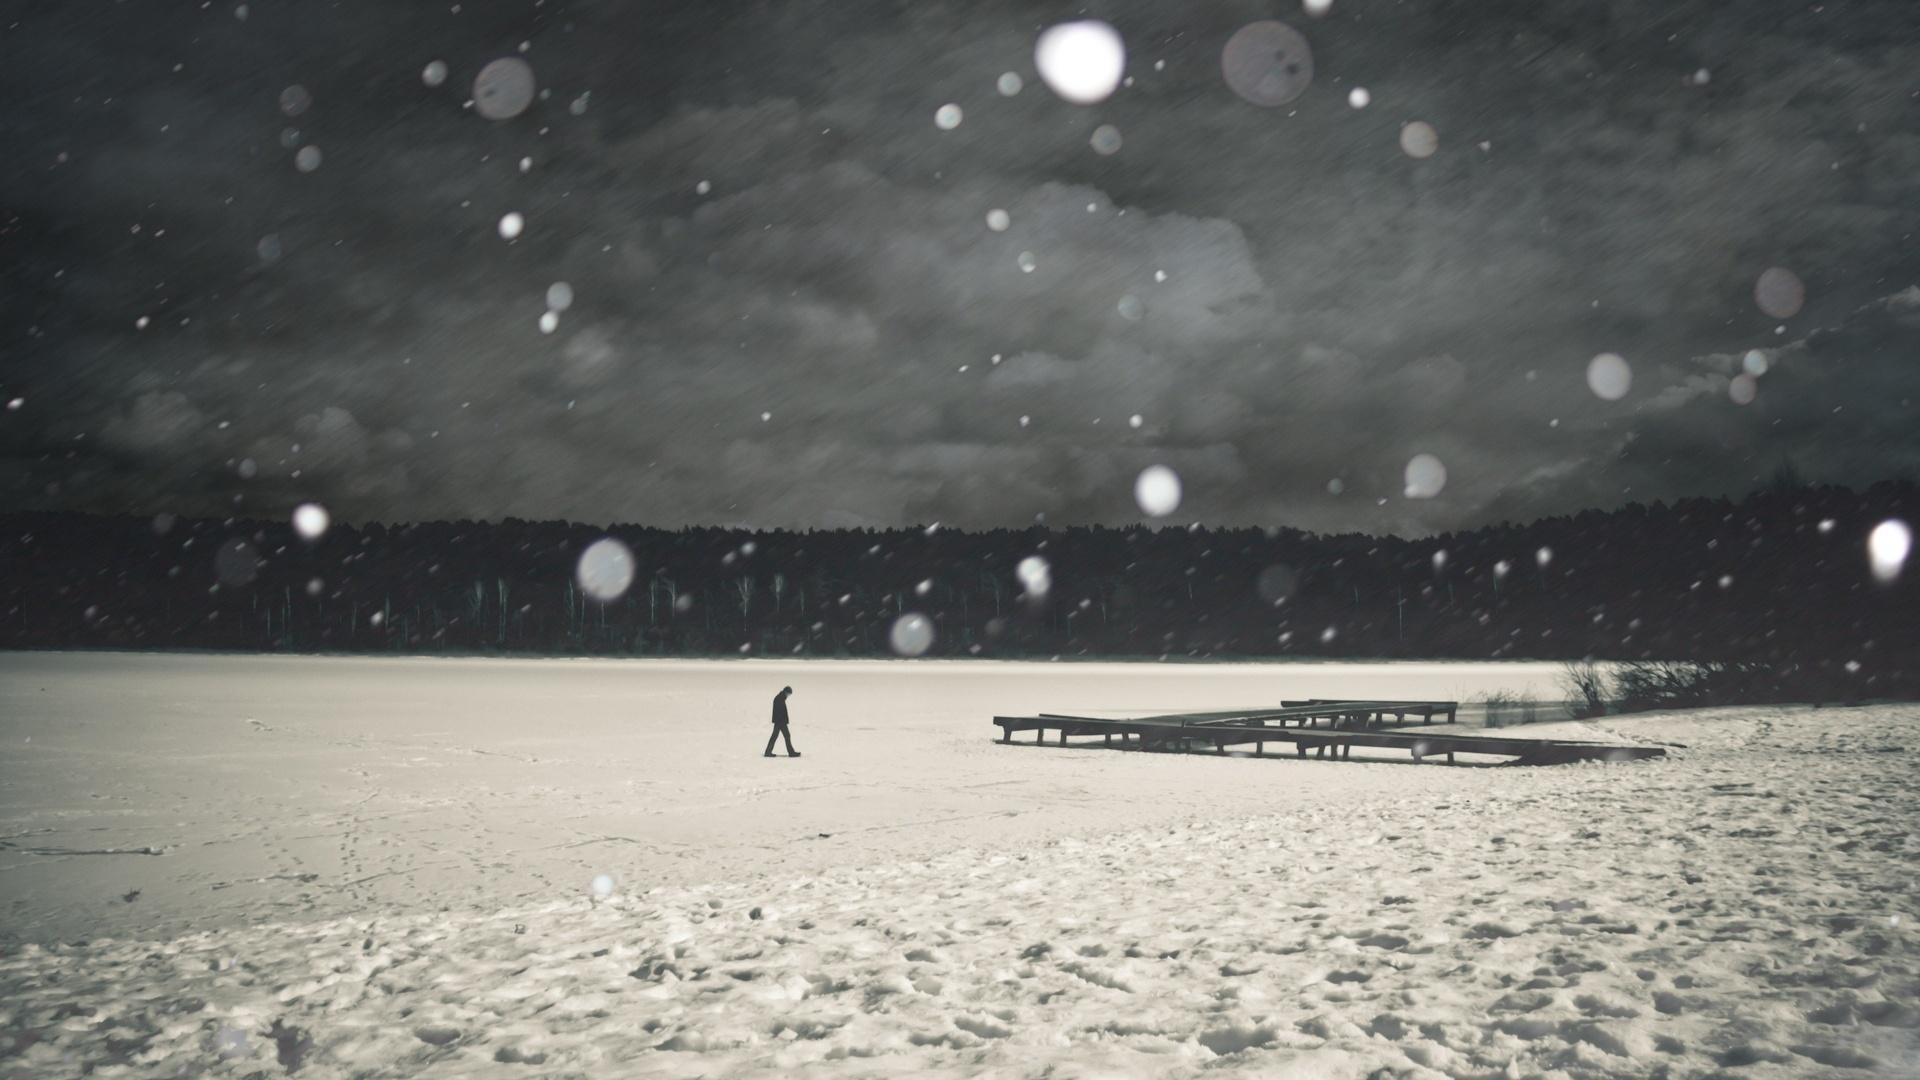 прислал картинка одиночество снег скептически